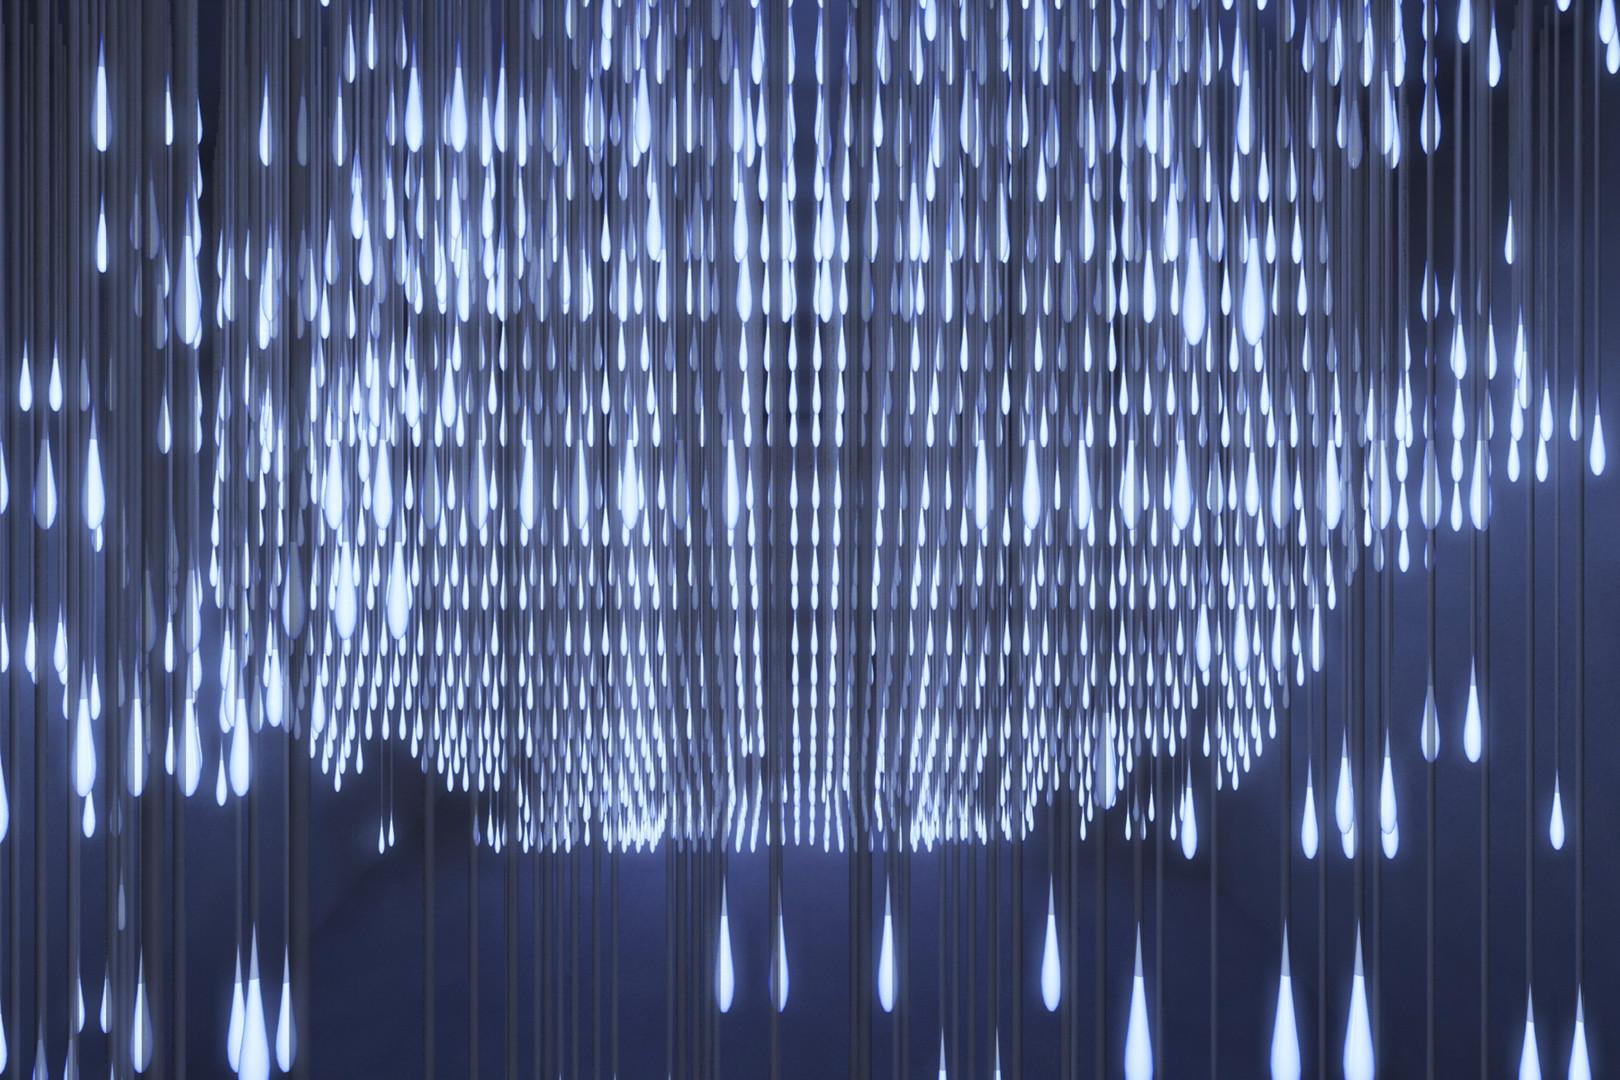 mootaa-Blu-006